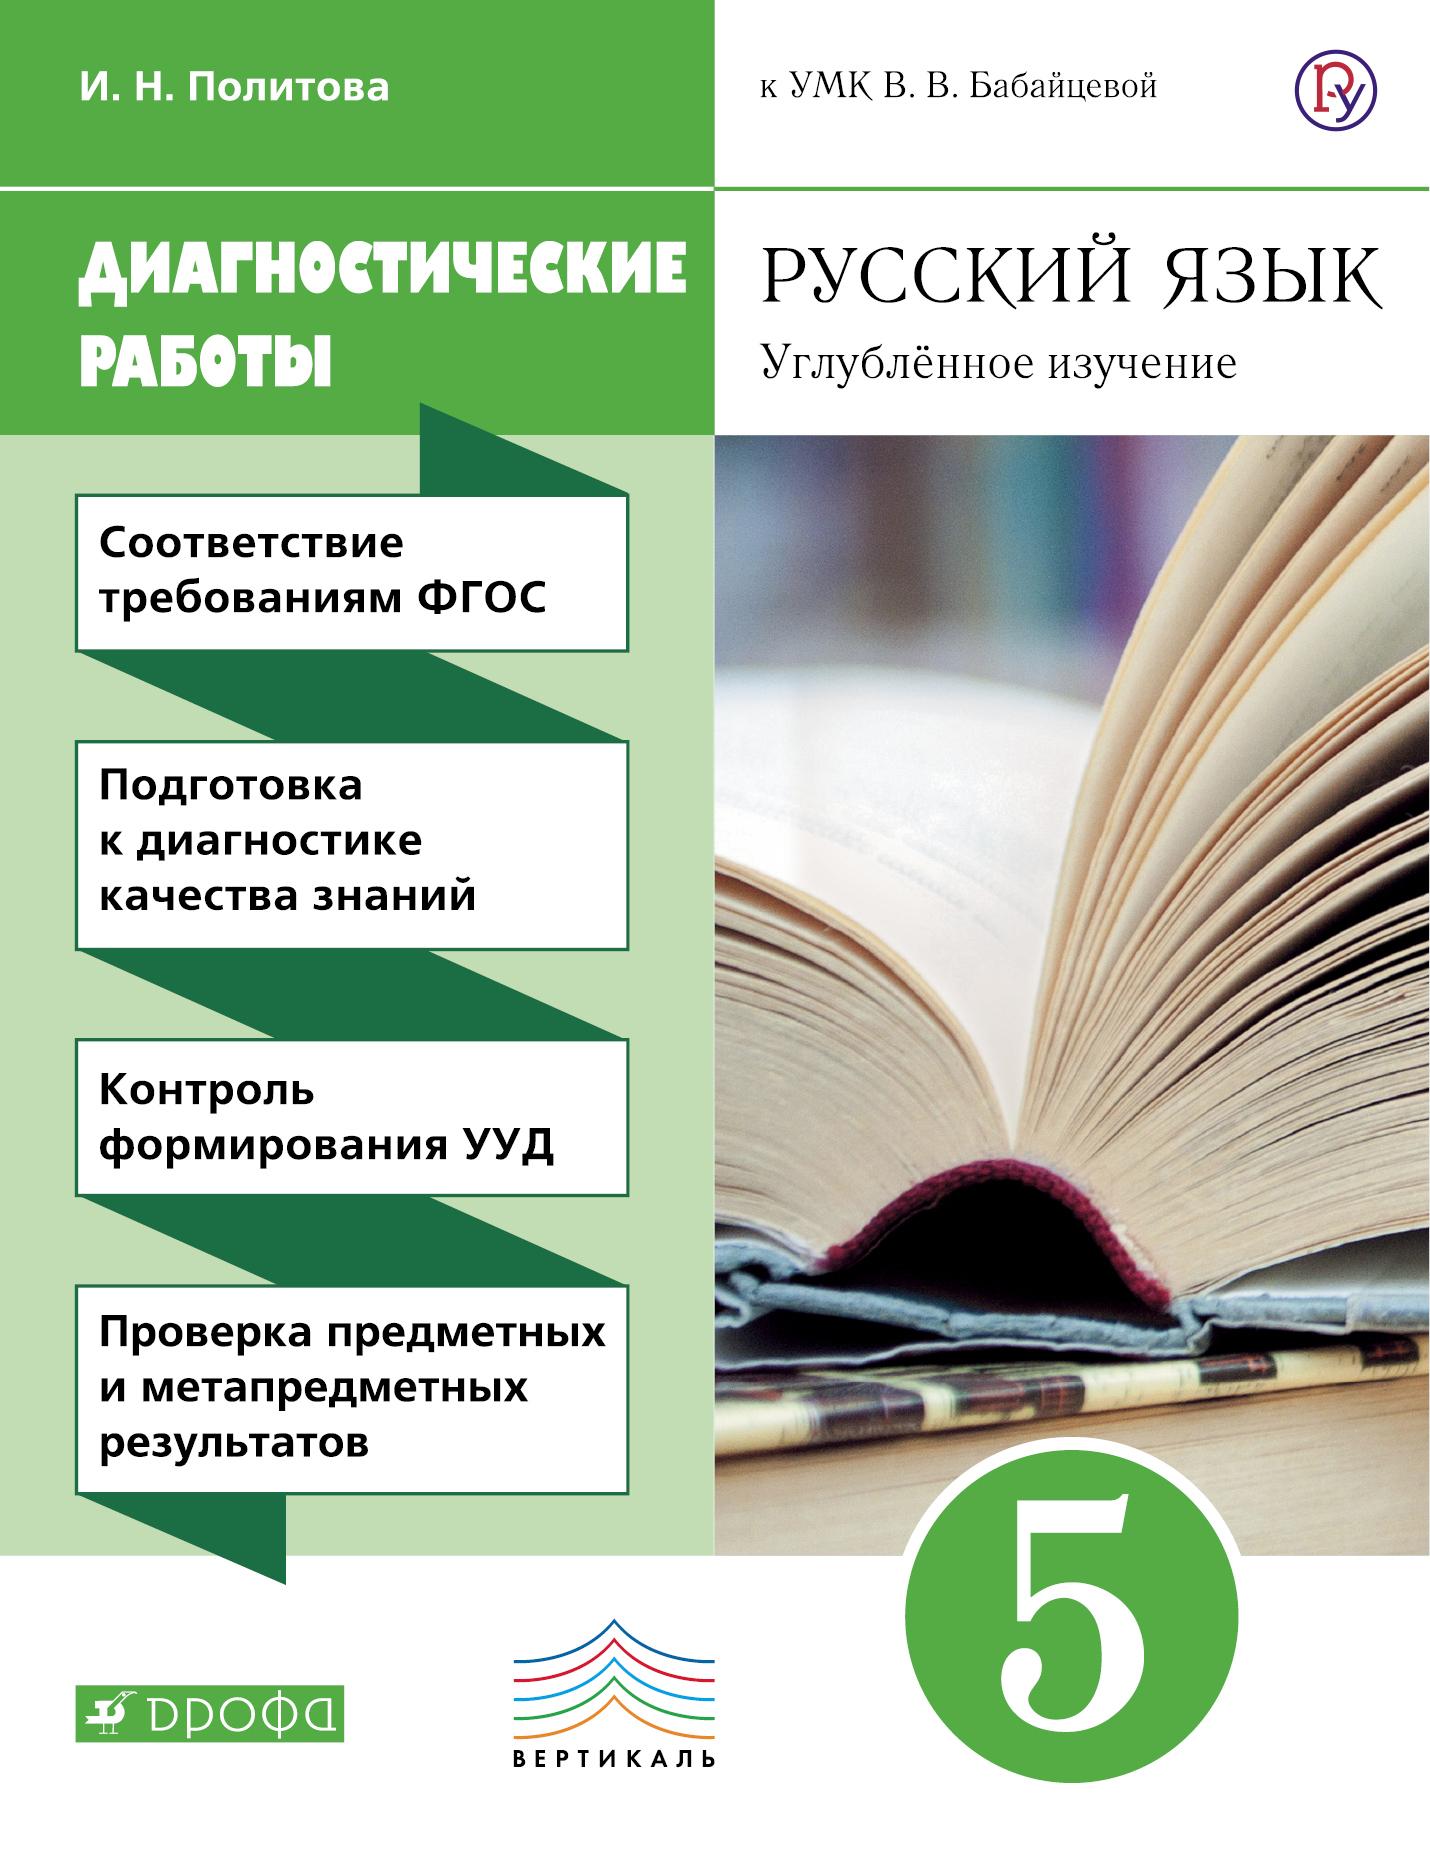 Русский язык. Углубленное изучение. 5 класс. Диагностические работы